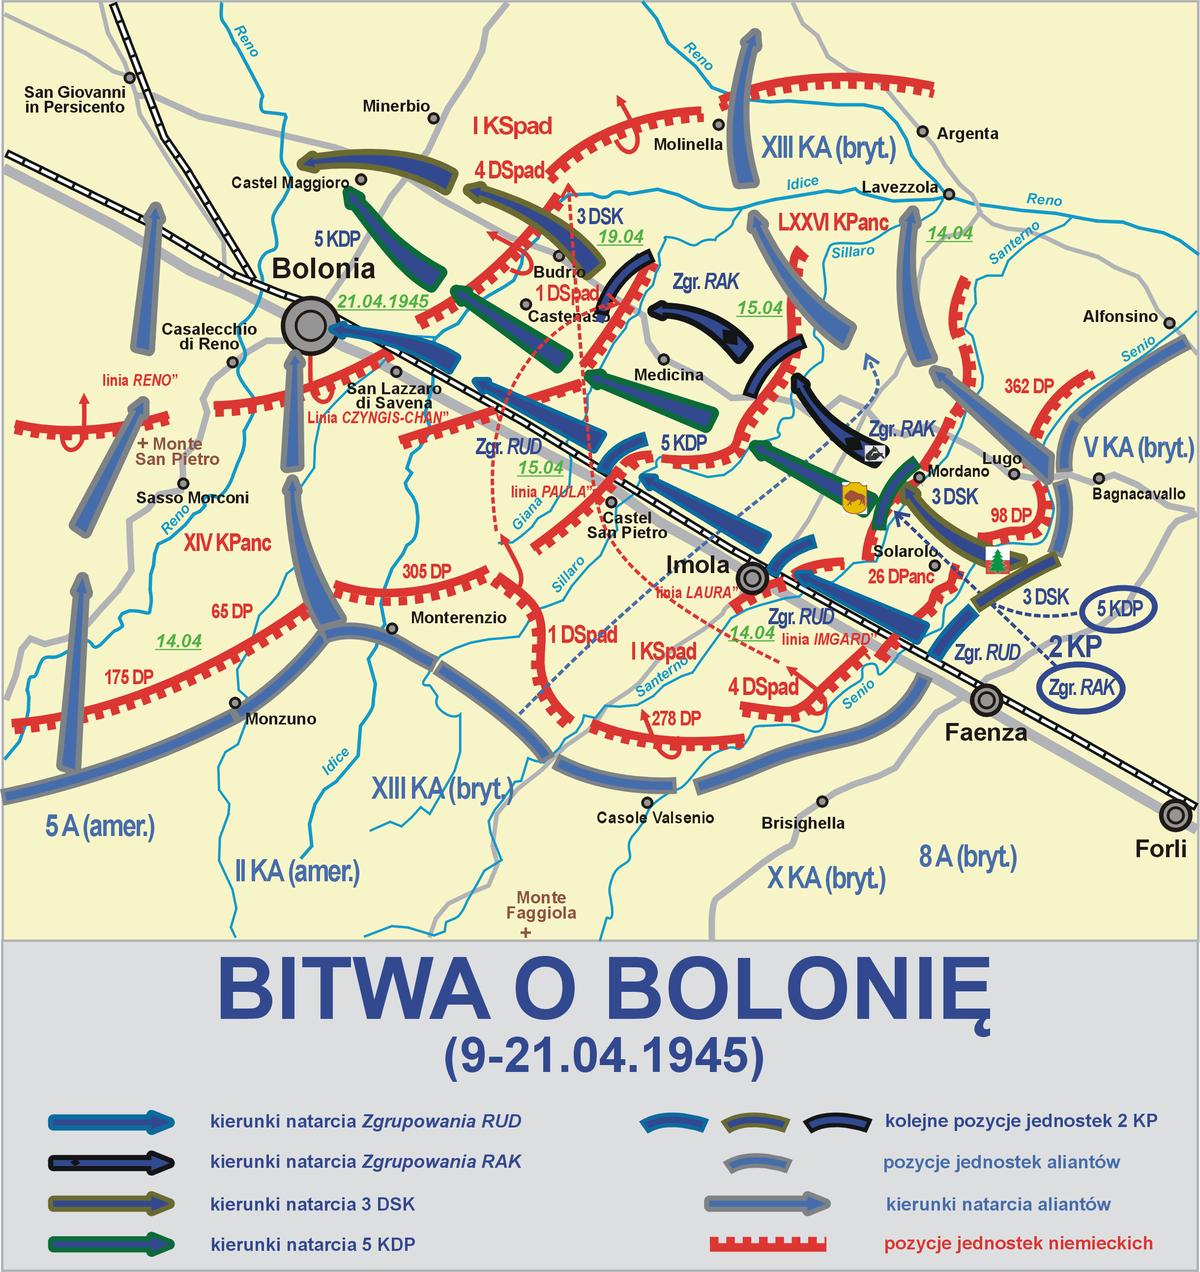 fintyre bologna map - photo#19